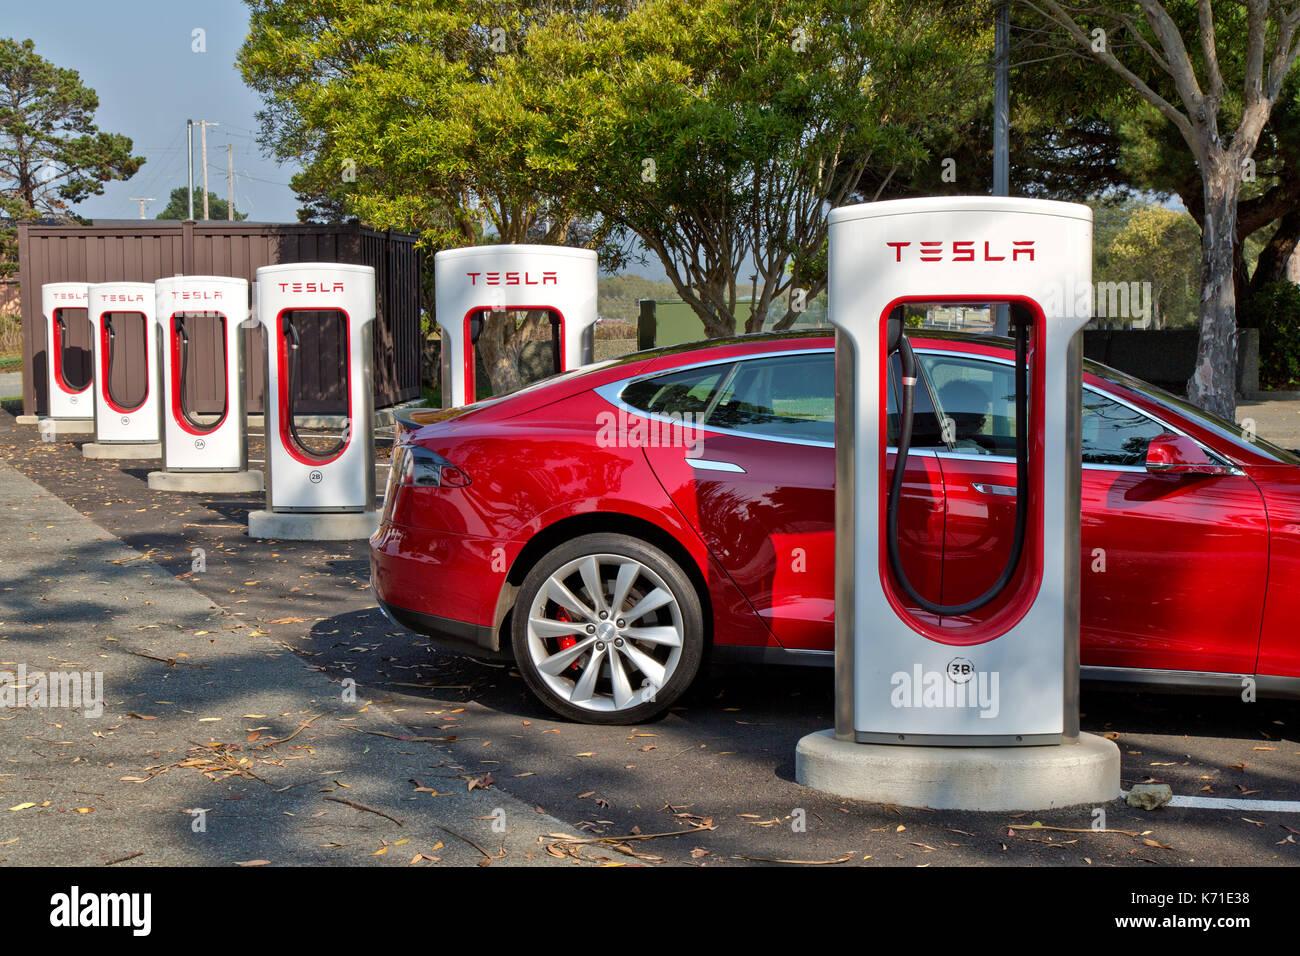 """Tesla's """"Limousine 480-V-Kompressor (Schnellladung) Station verbunden. Stockbild"""